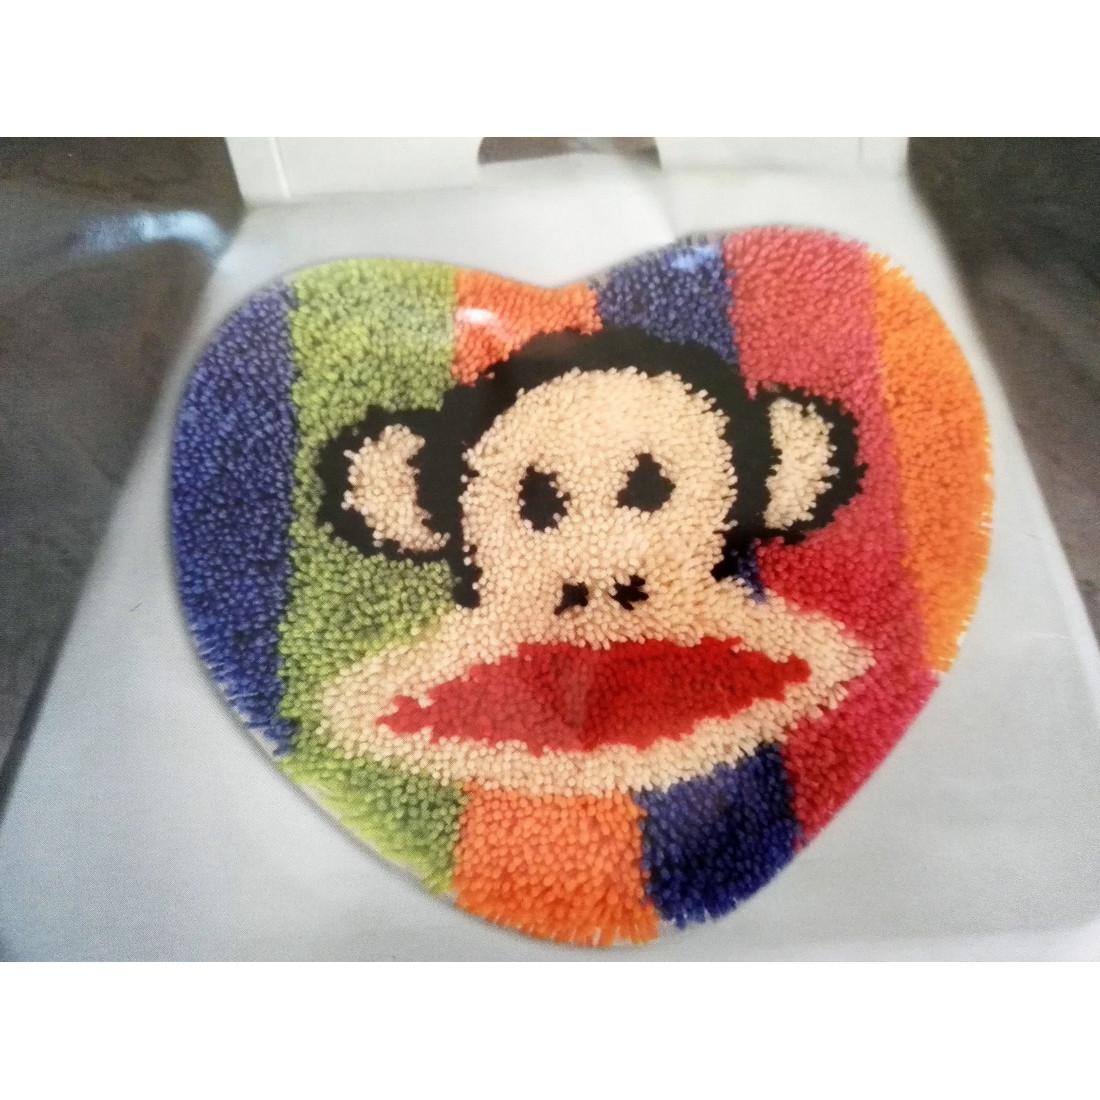 Latch hook małpka